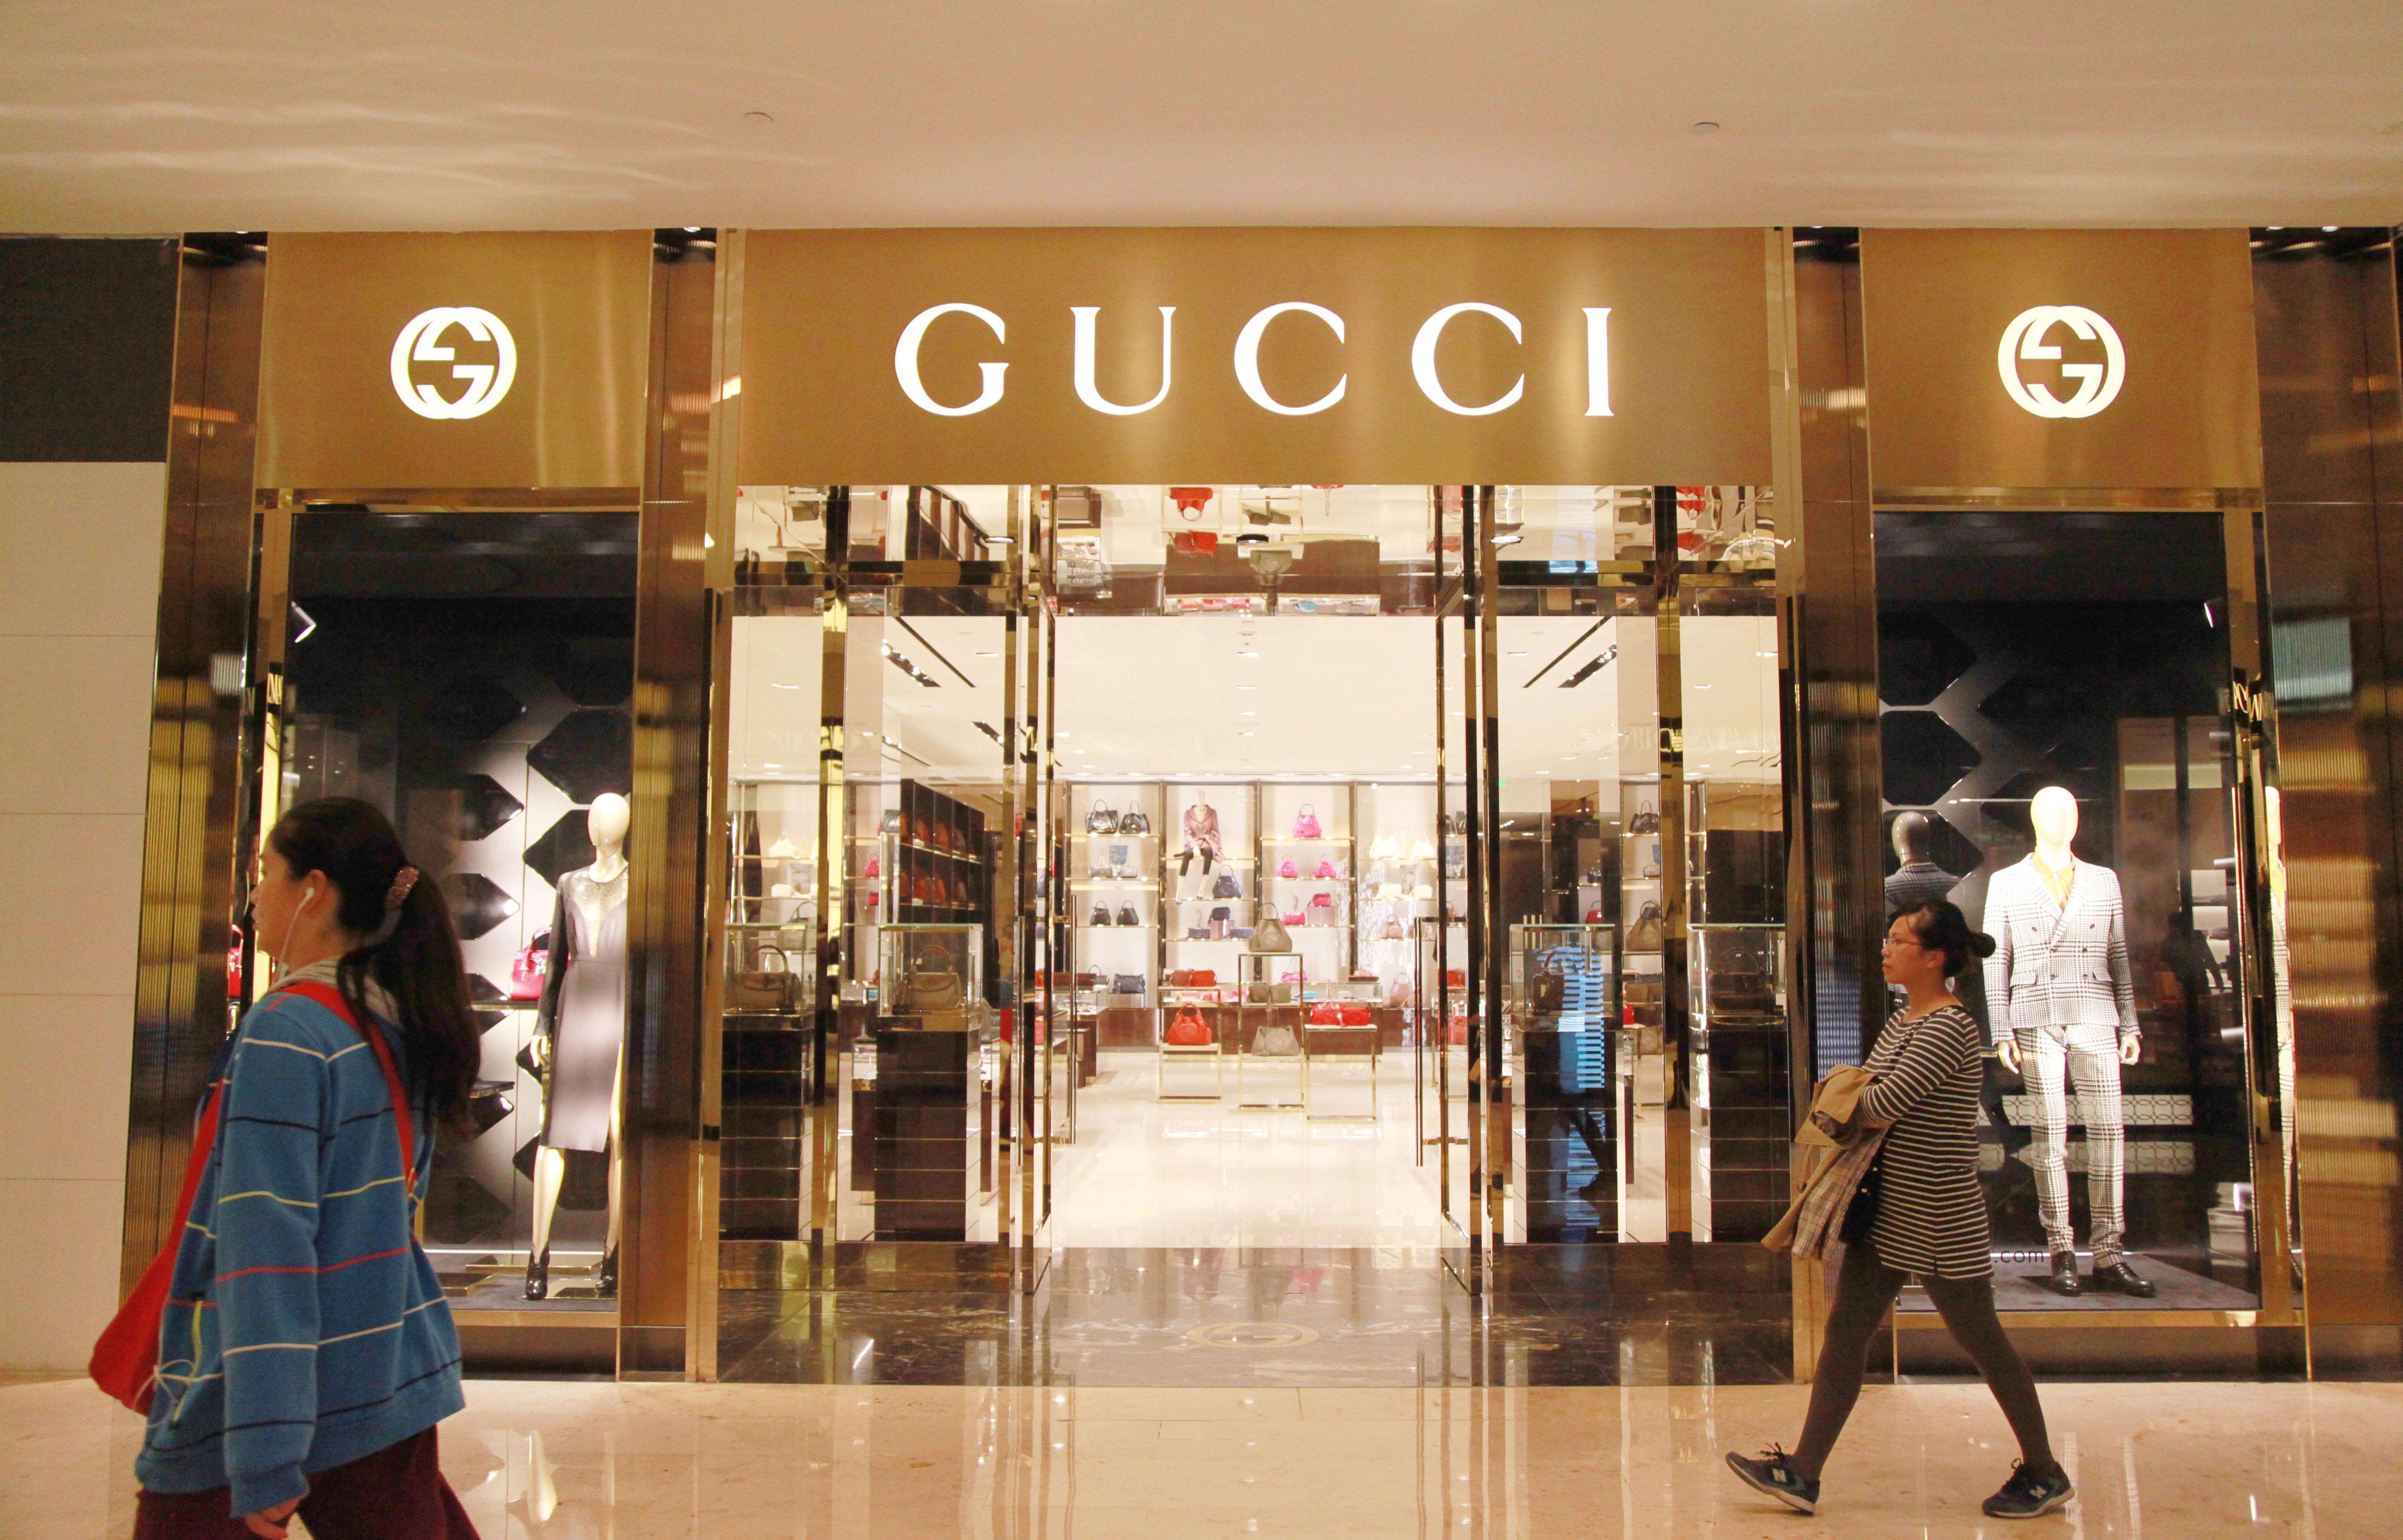 en chine le luxe est tent par le magasin d 39 usine strat gies. Black Bedroom Furniture Sets. Home Design Ideas